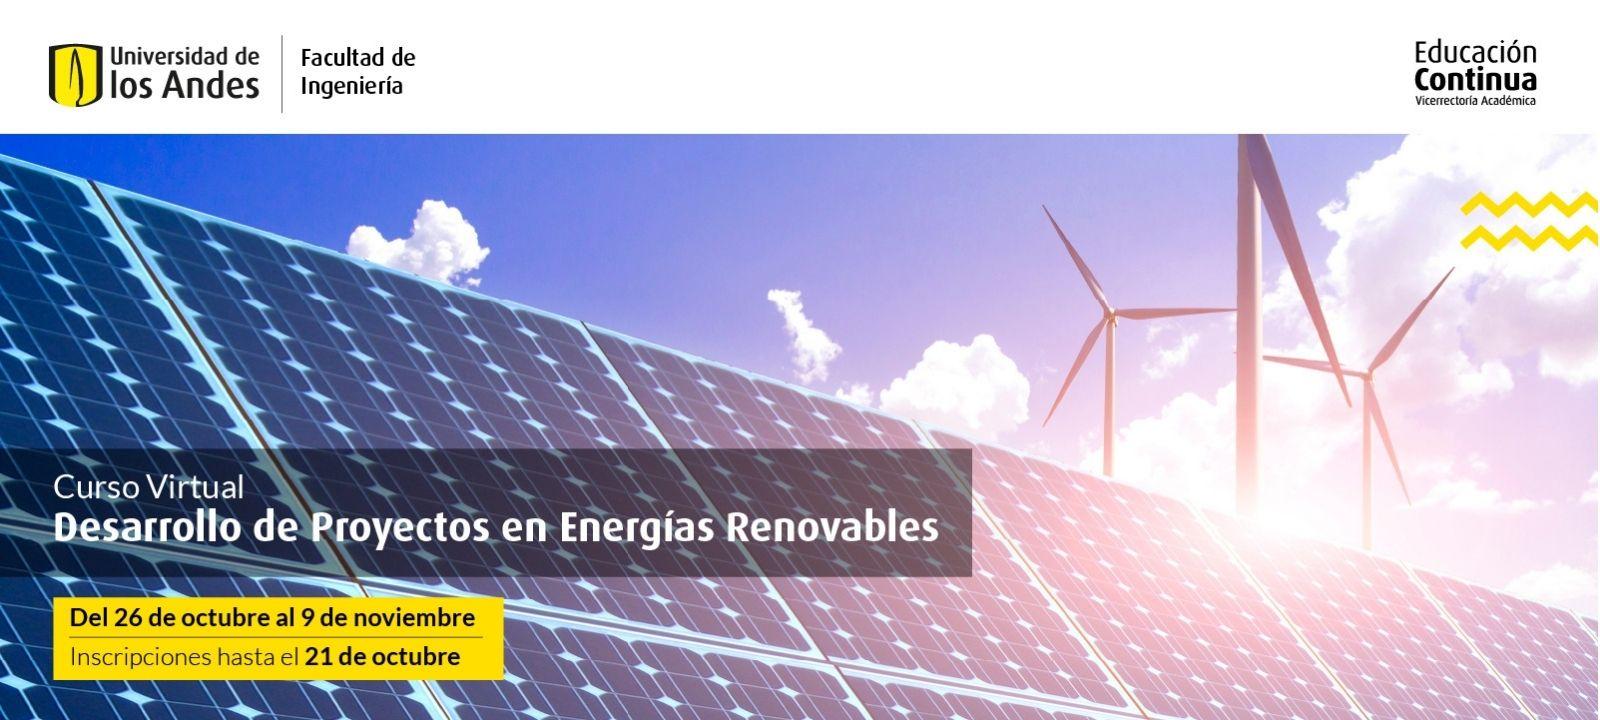 Curso virtual | Desarrollo de proyectos en energías renovables